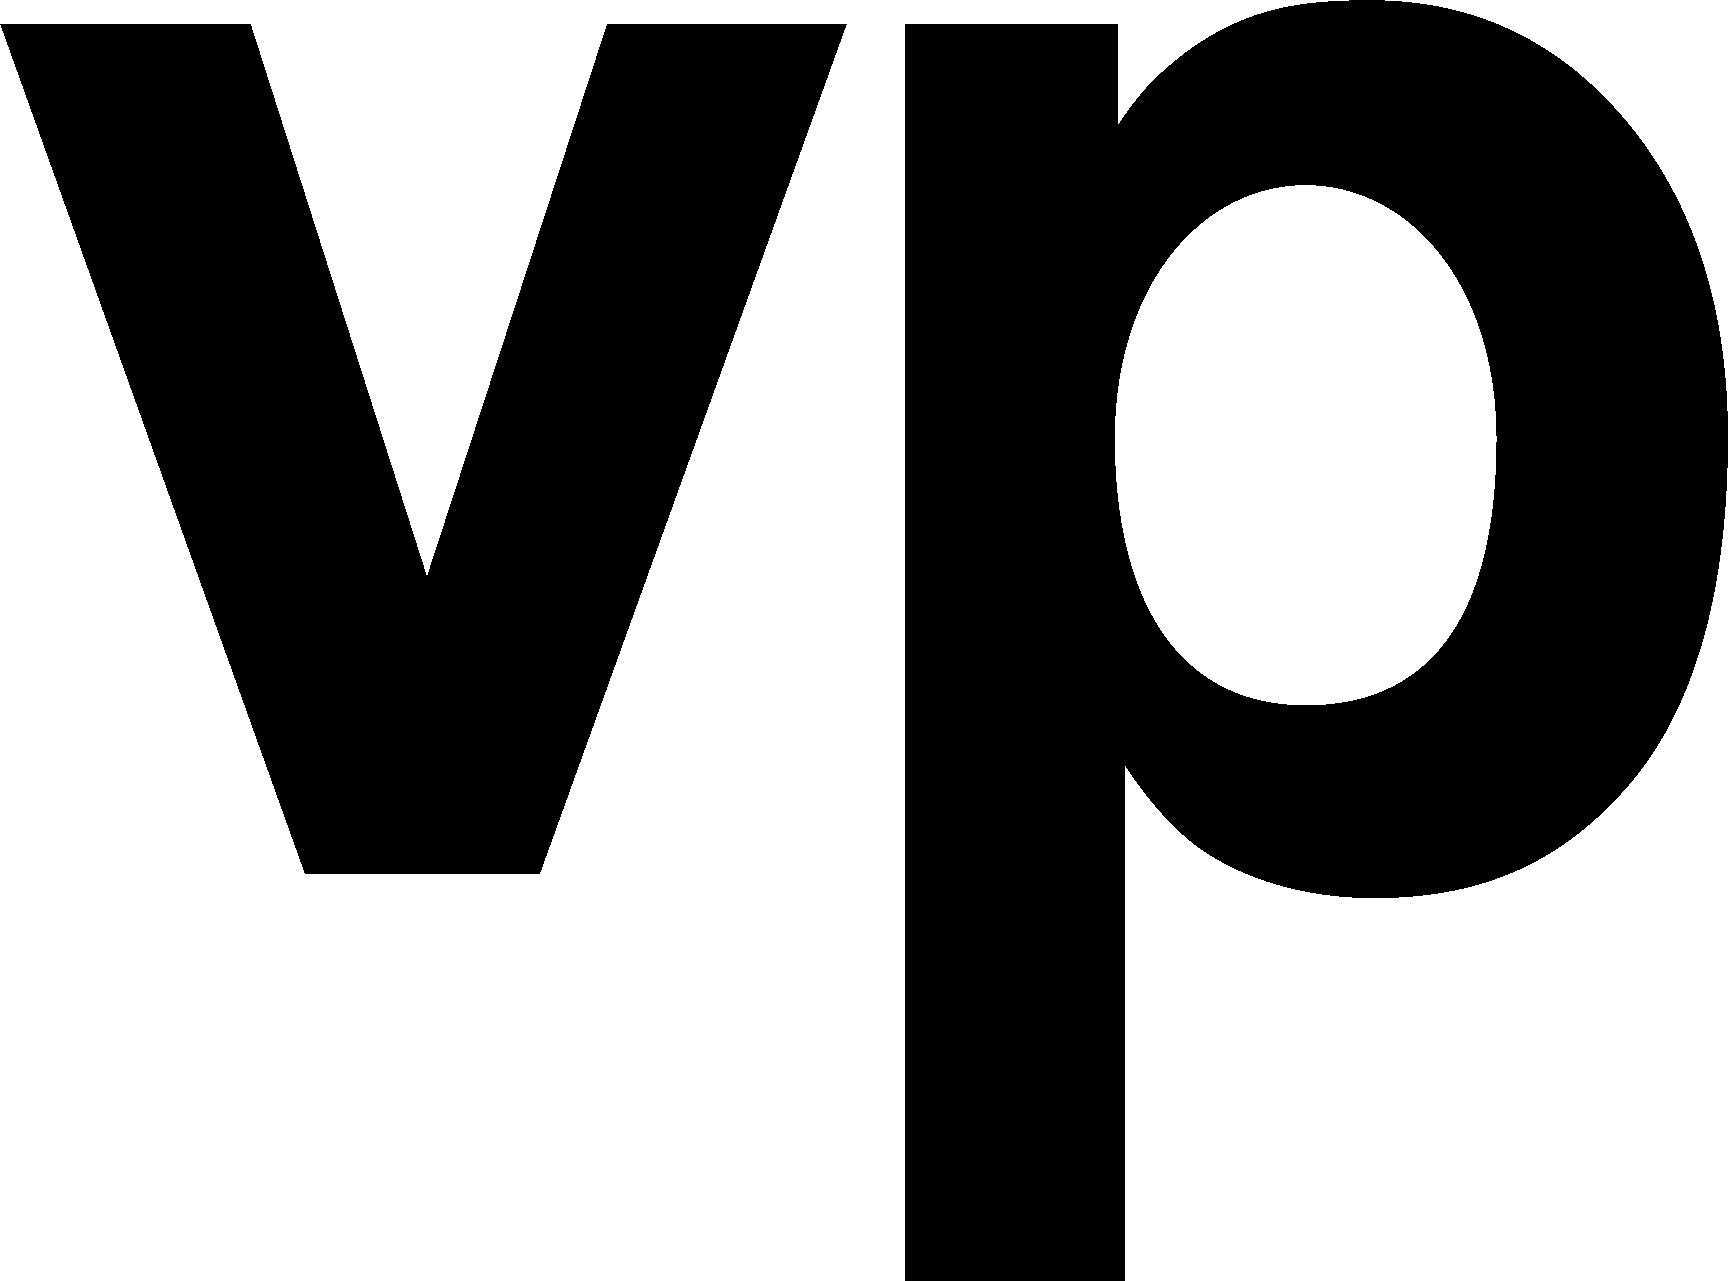 Logo: Vertikalpass